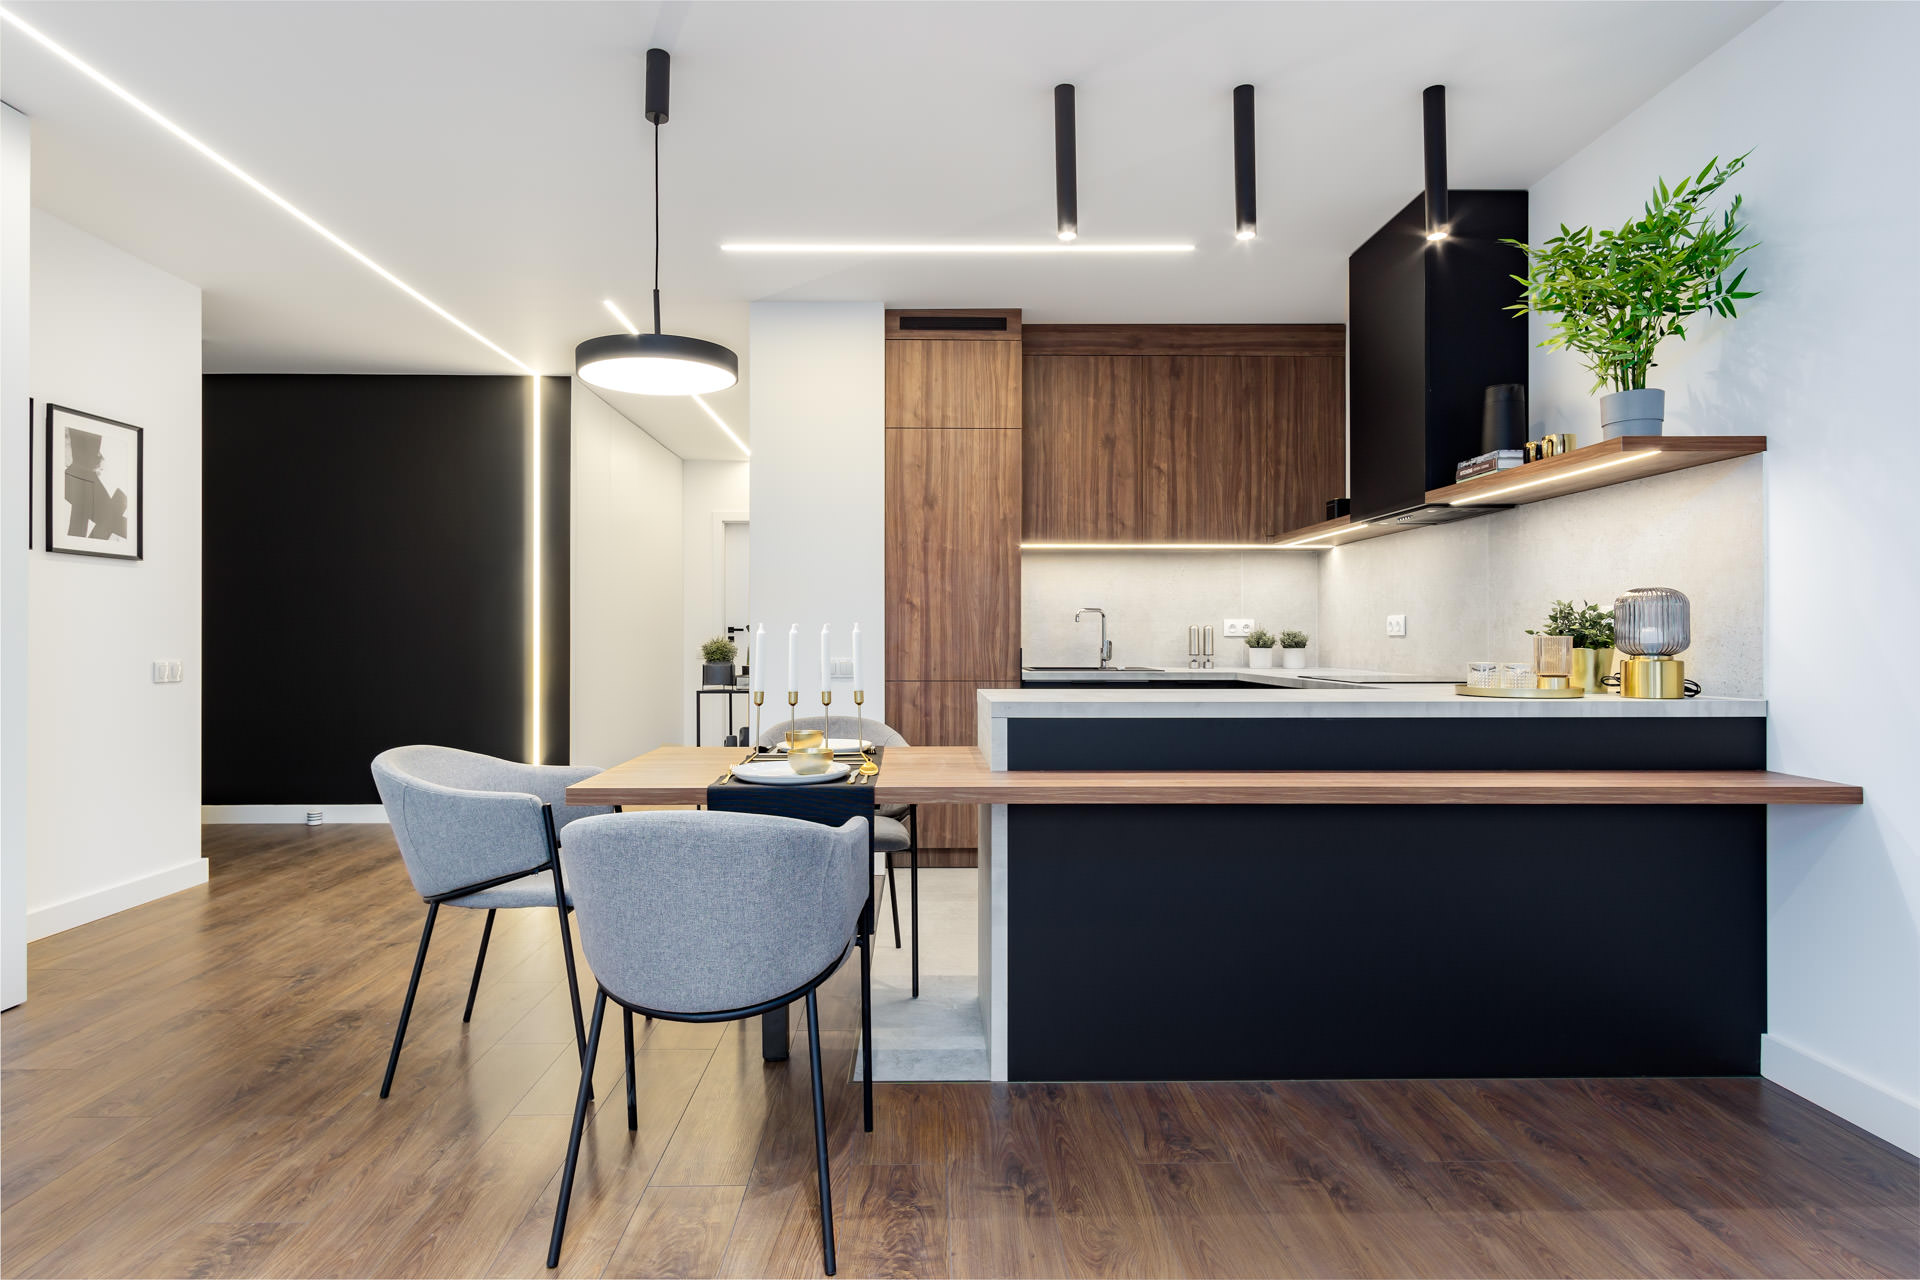 Nowoczesna kuchnia – mieszkanie deweloperskie